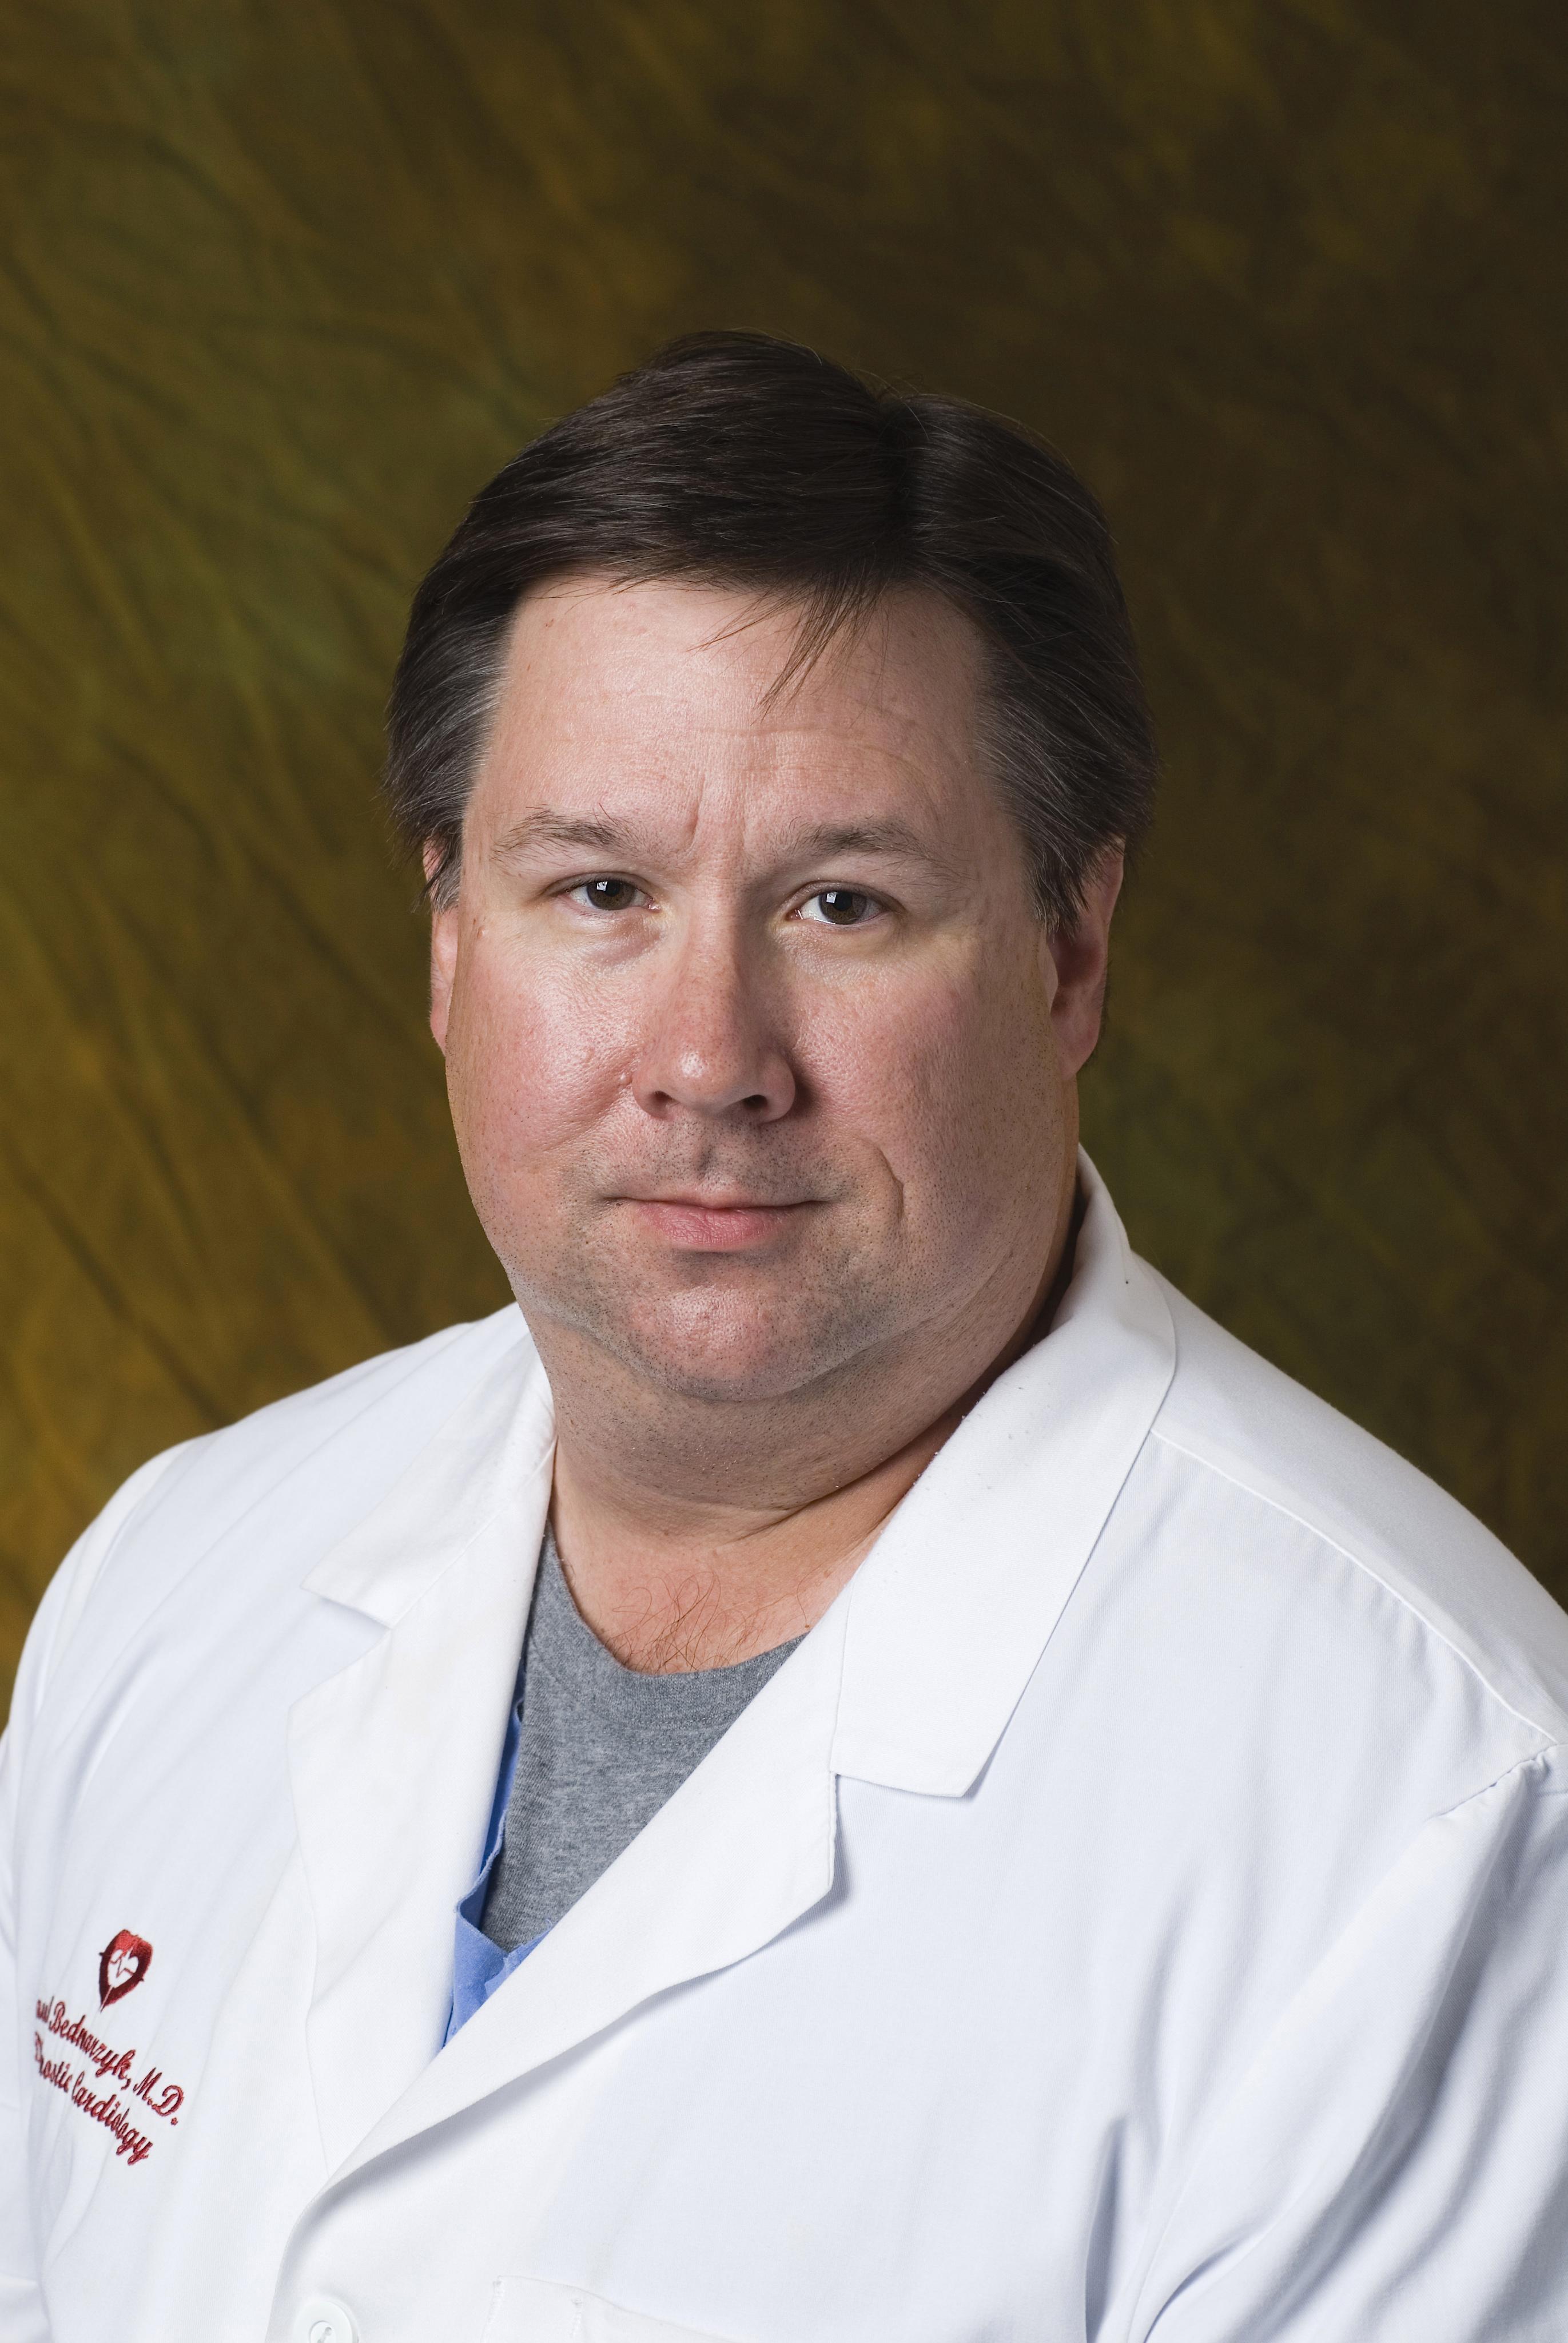 Paul Bednarzyk, MD